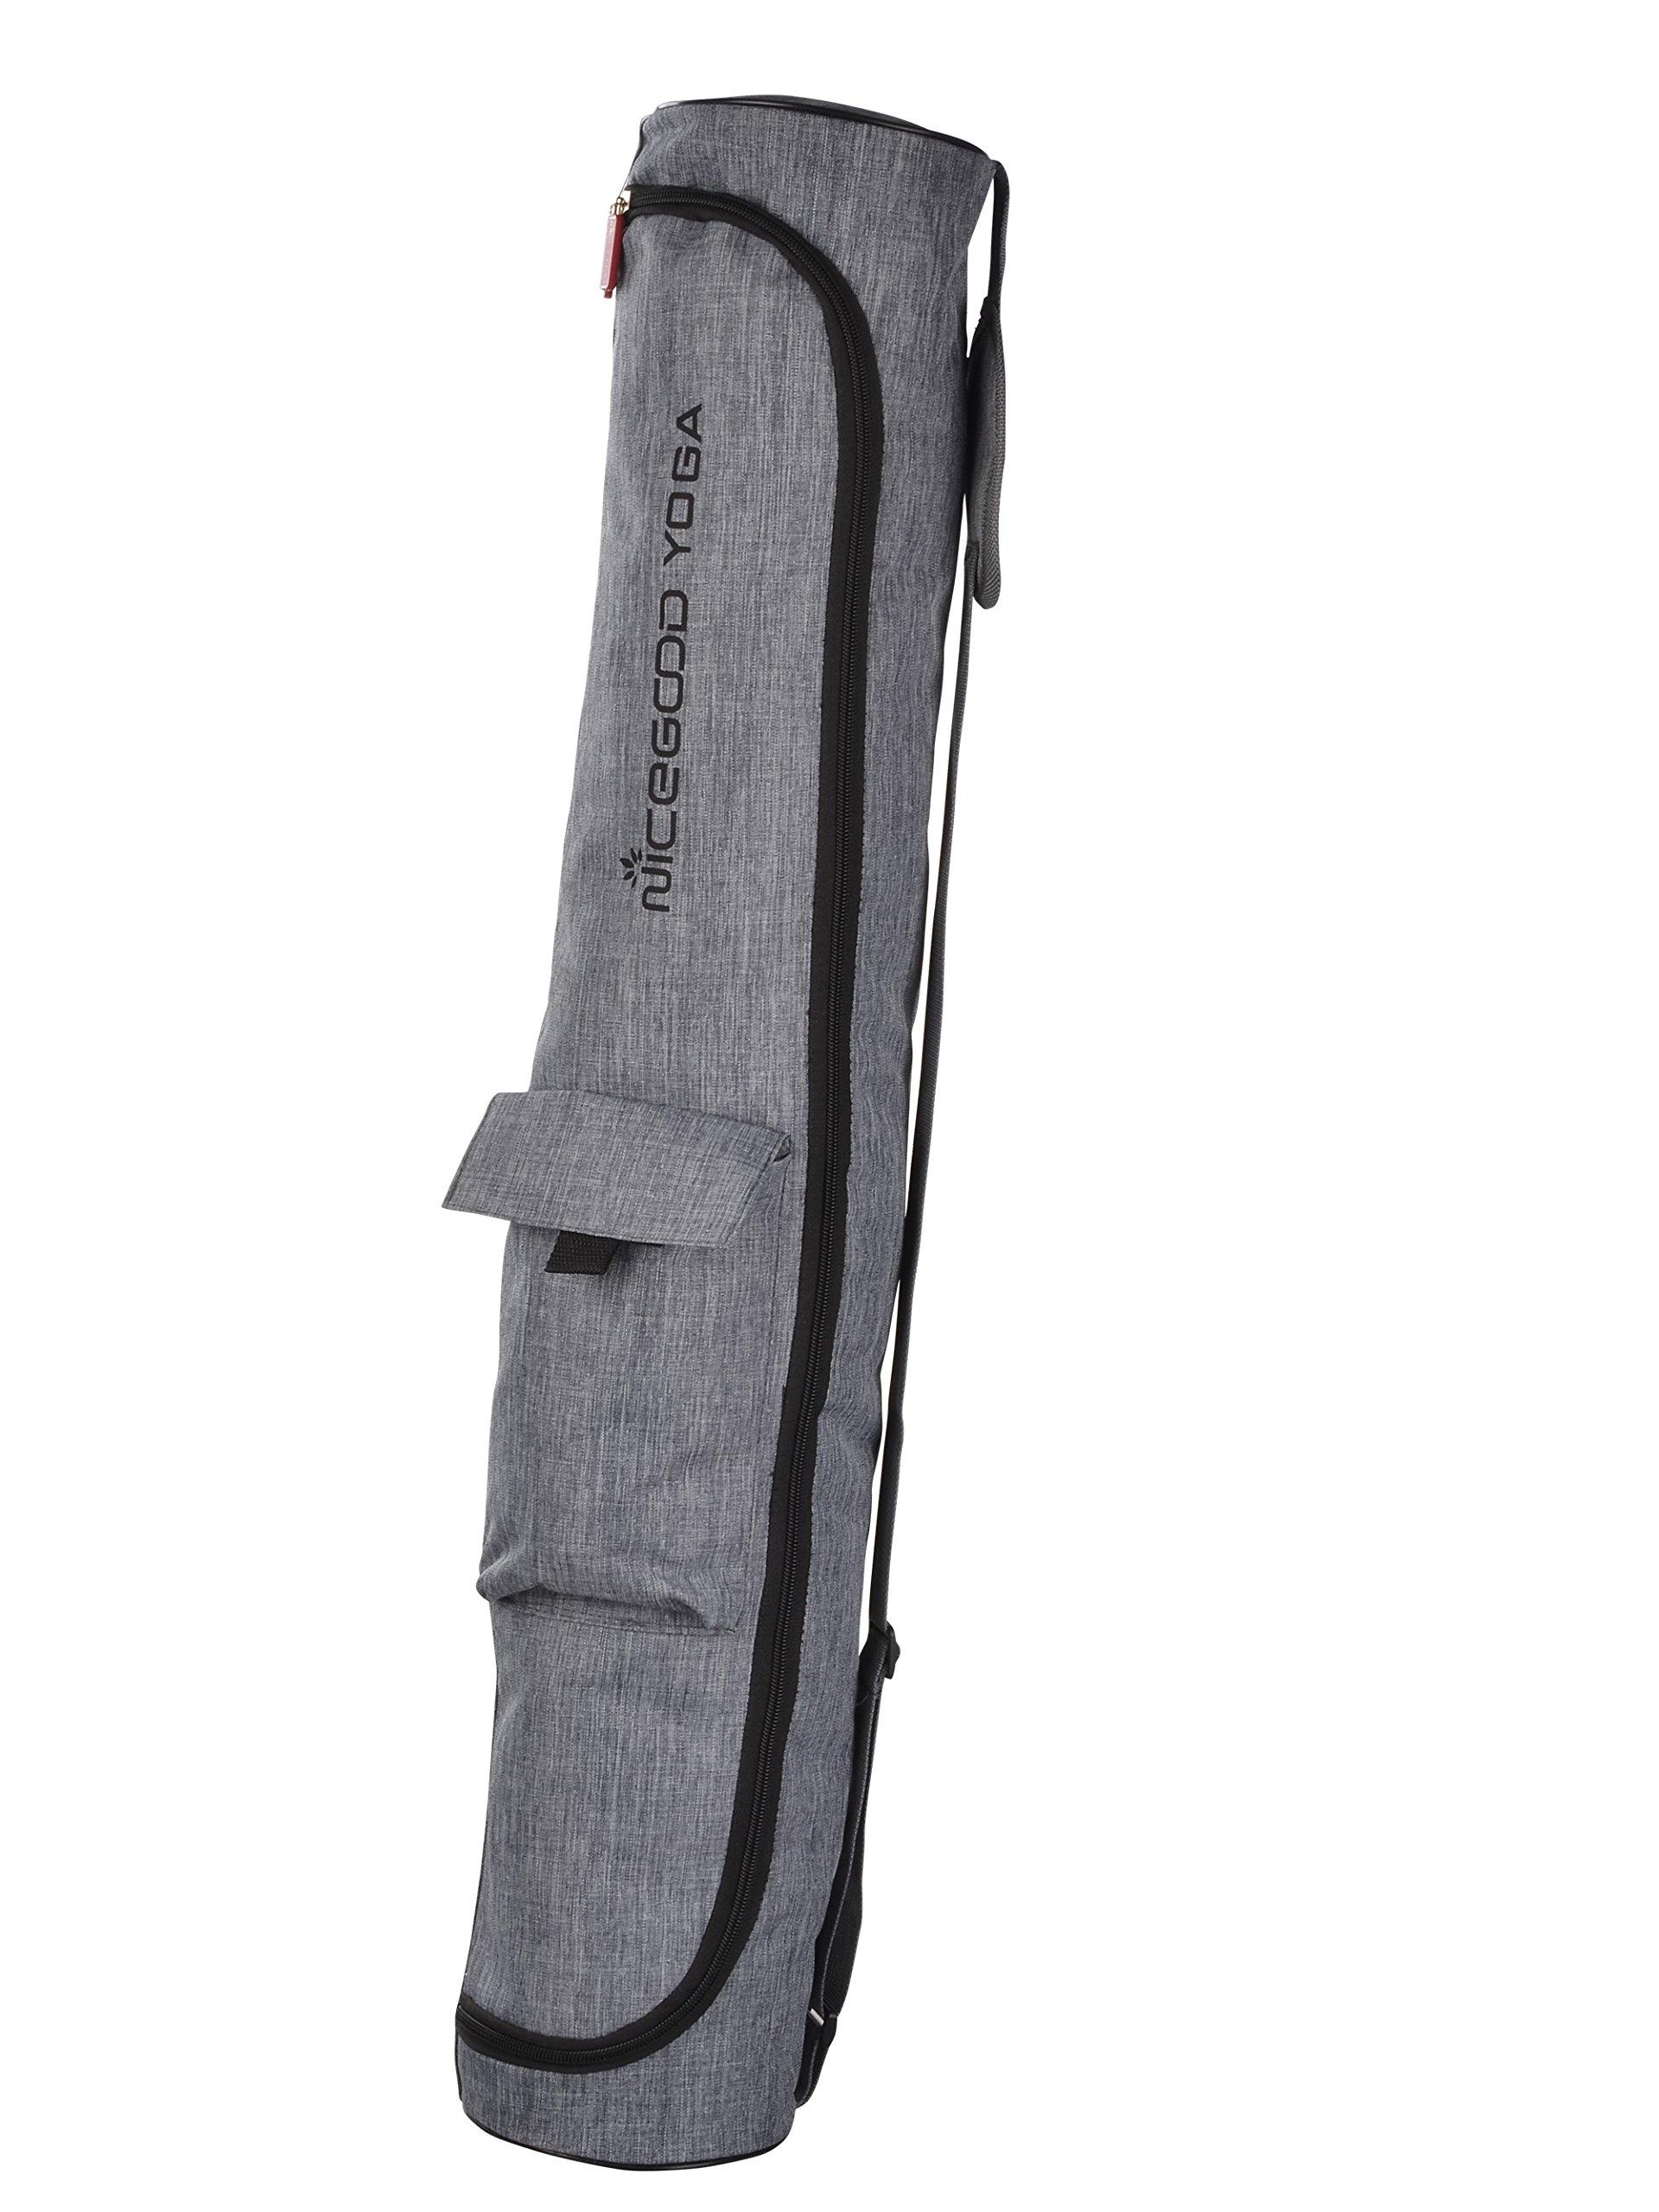 Large yoga mat bag 33 inch in Length with Pocket & Full Zipper Yoga Tote Yoga Mat Duffle Bag